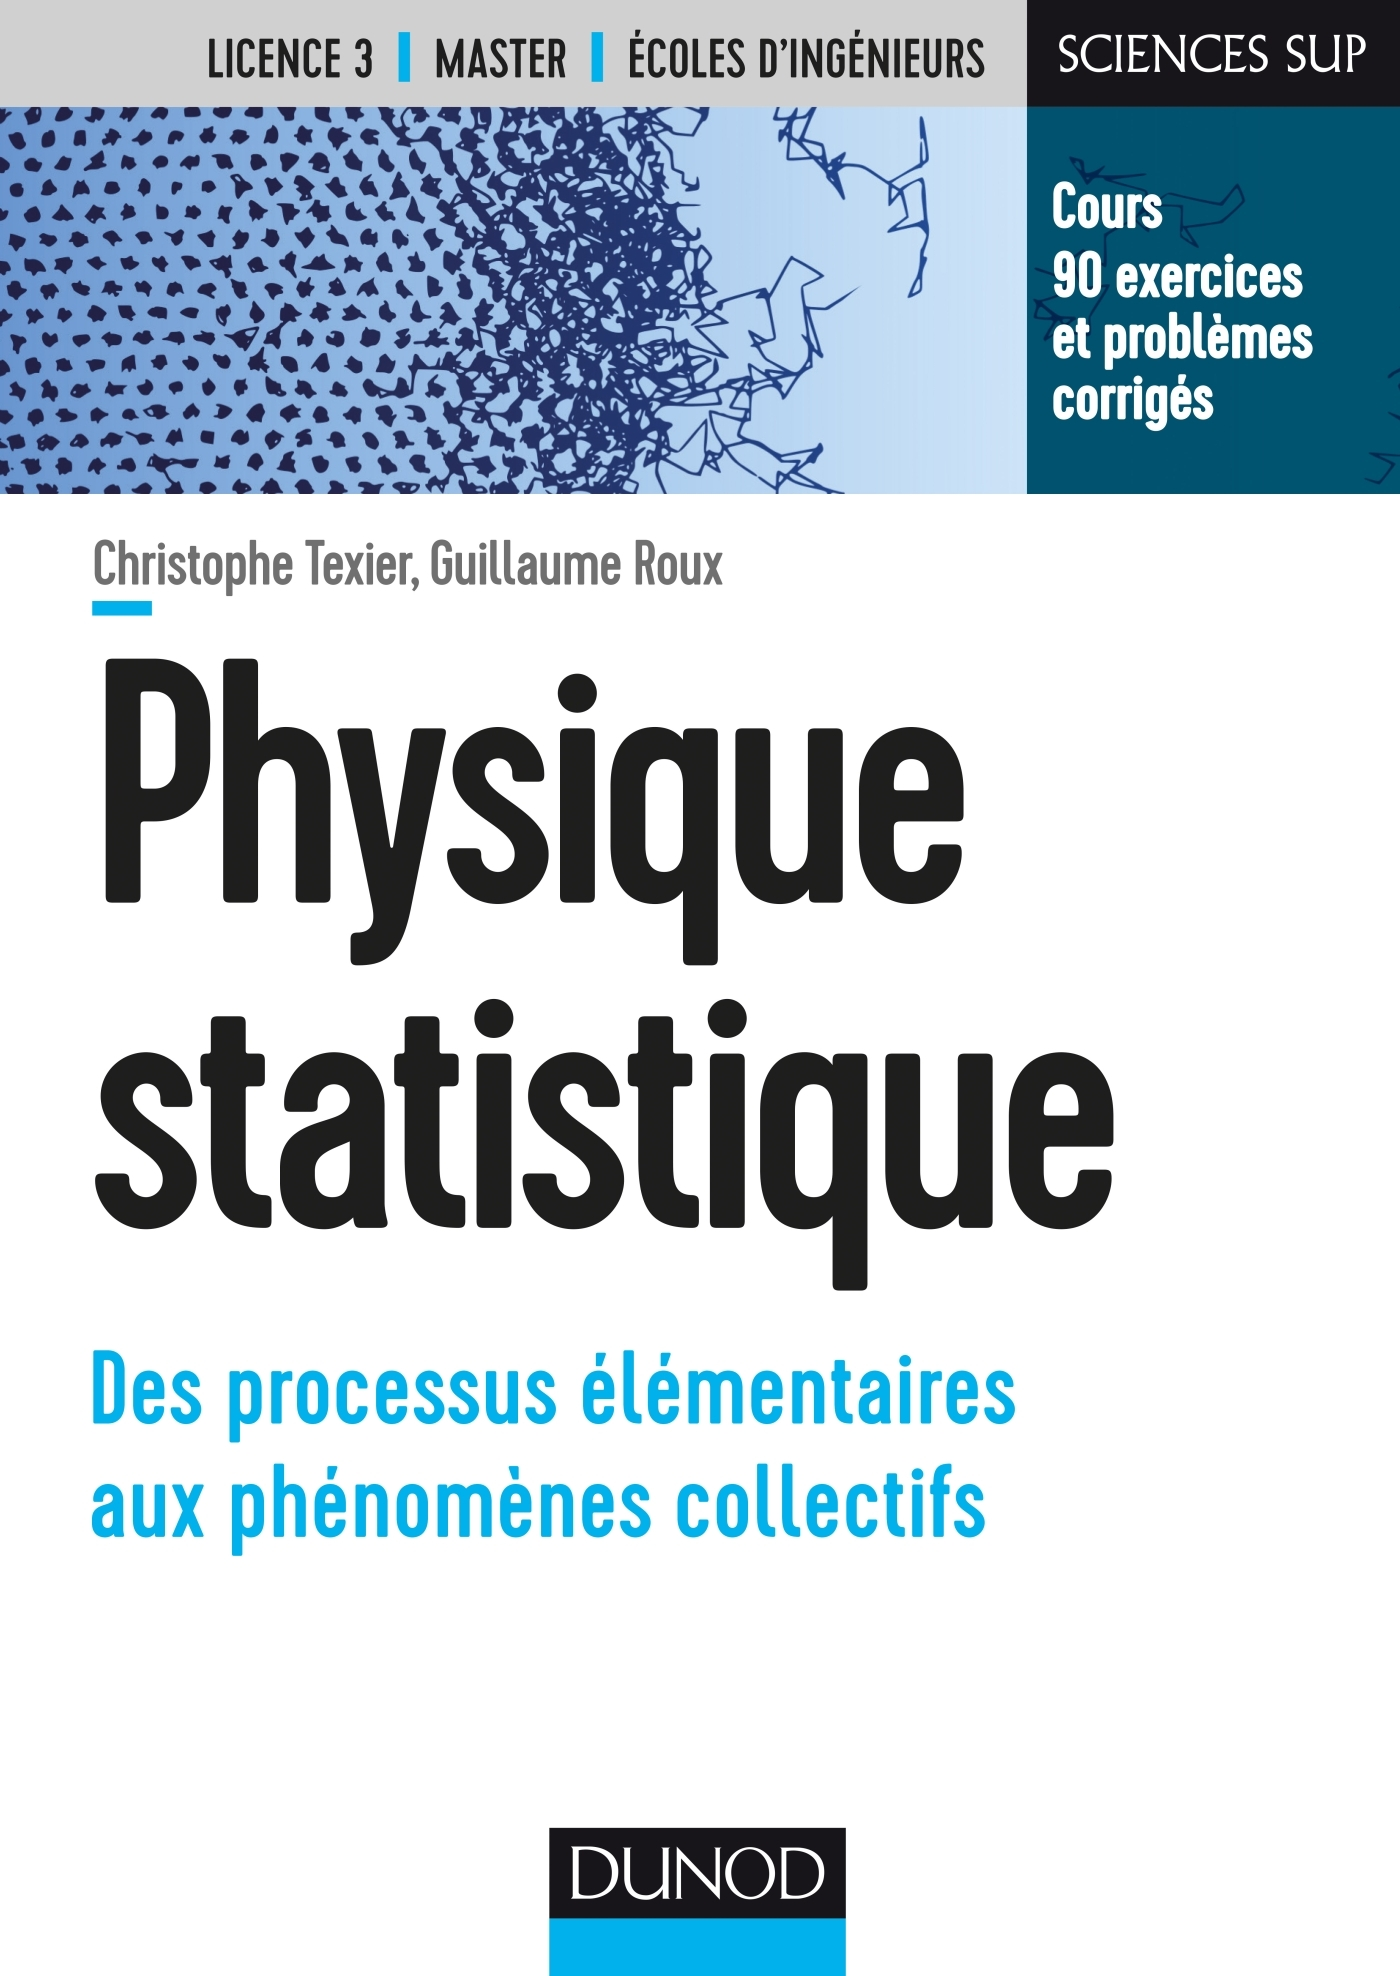 PHYSIQUE STATISTIQUE - DES PROCESSUS ELEMENTAIRES AUX PHENOMENES COLLECTIFS